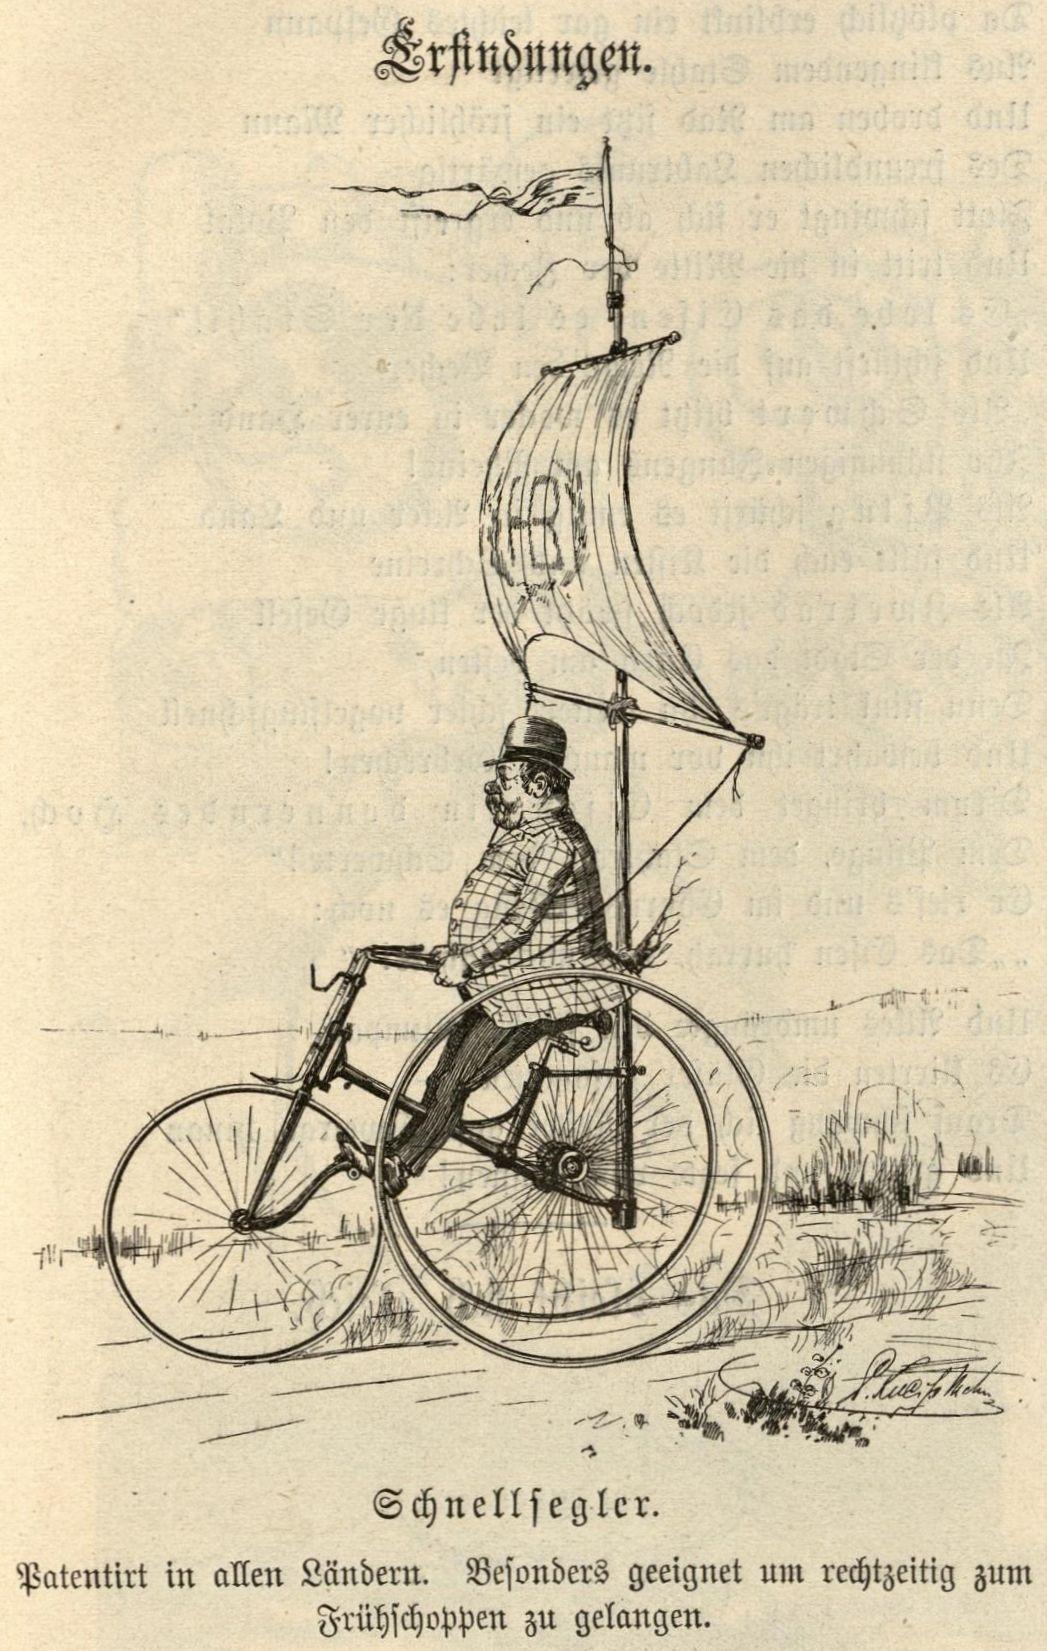 Bild: Ein Hoch-Dreirad als Schnellsegler